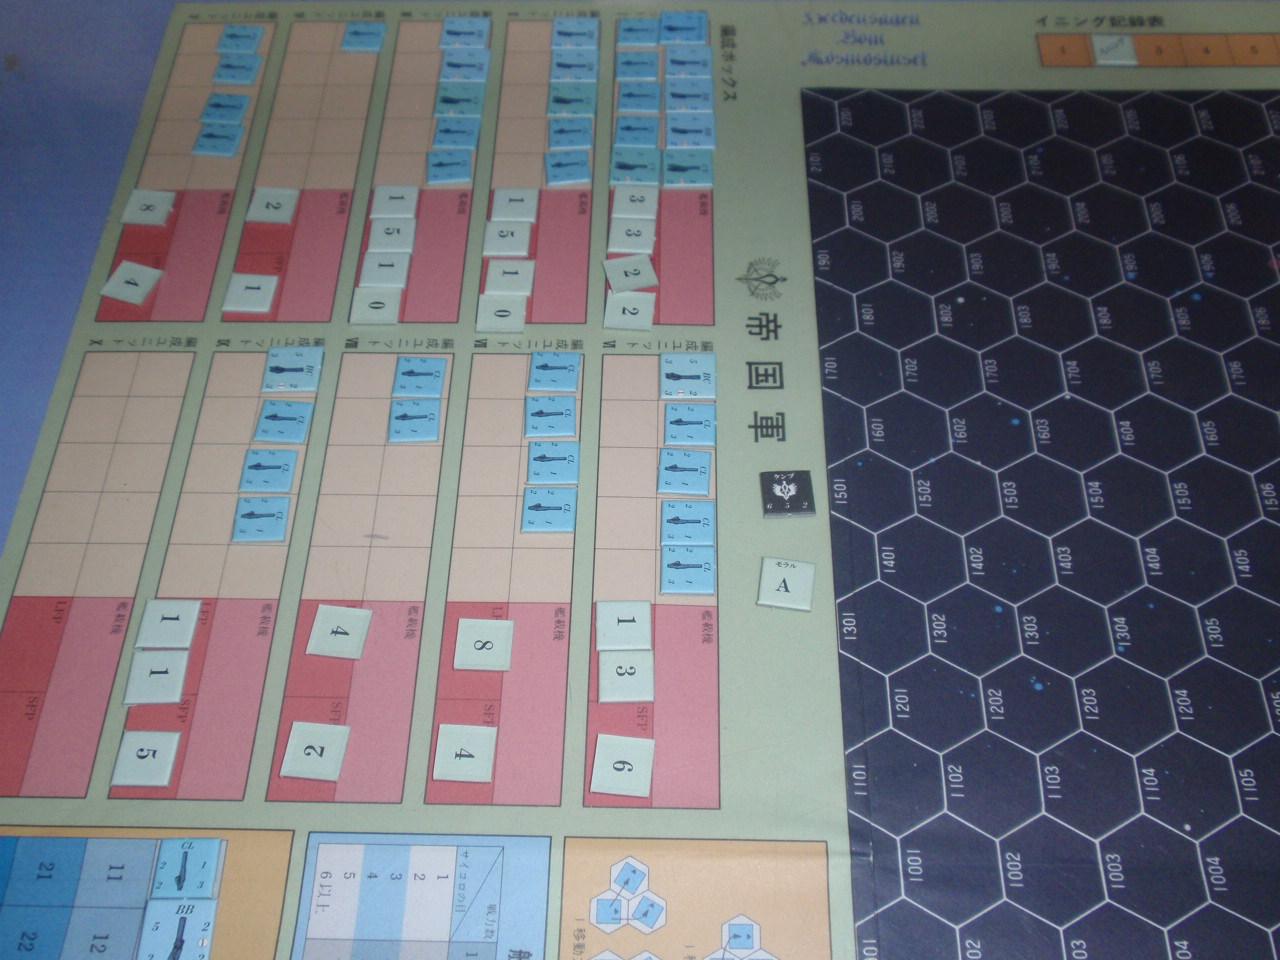 ツクダ「ブリュンヒルト」よりシナリオ「撃墜王」をソロプレイ②_b0162202_20174890.jpg